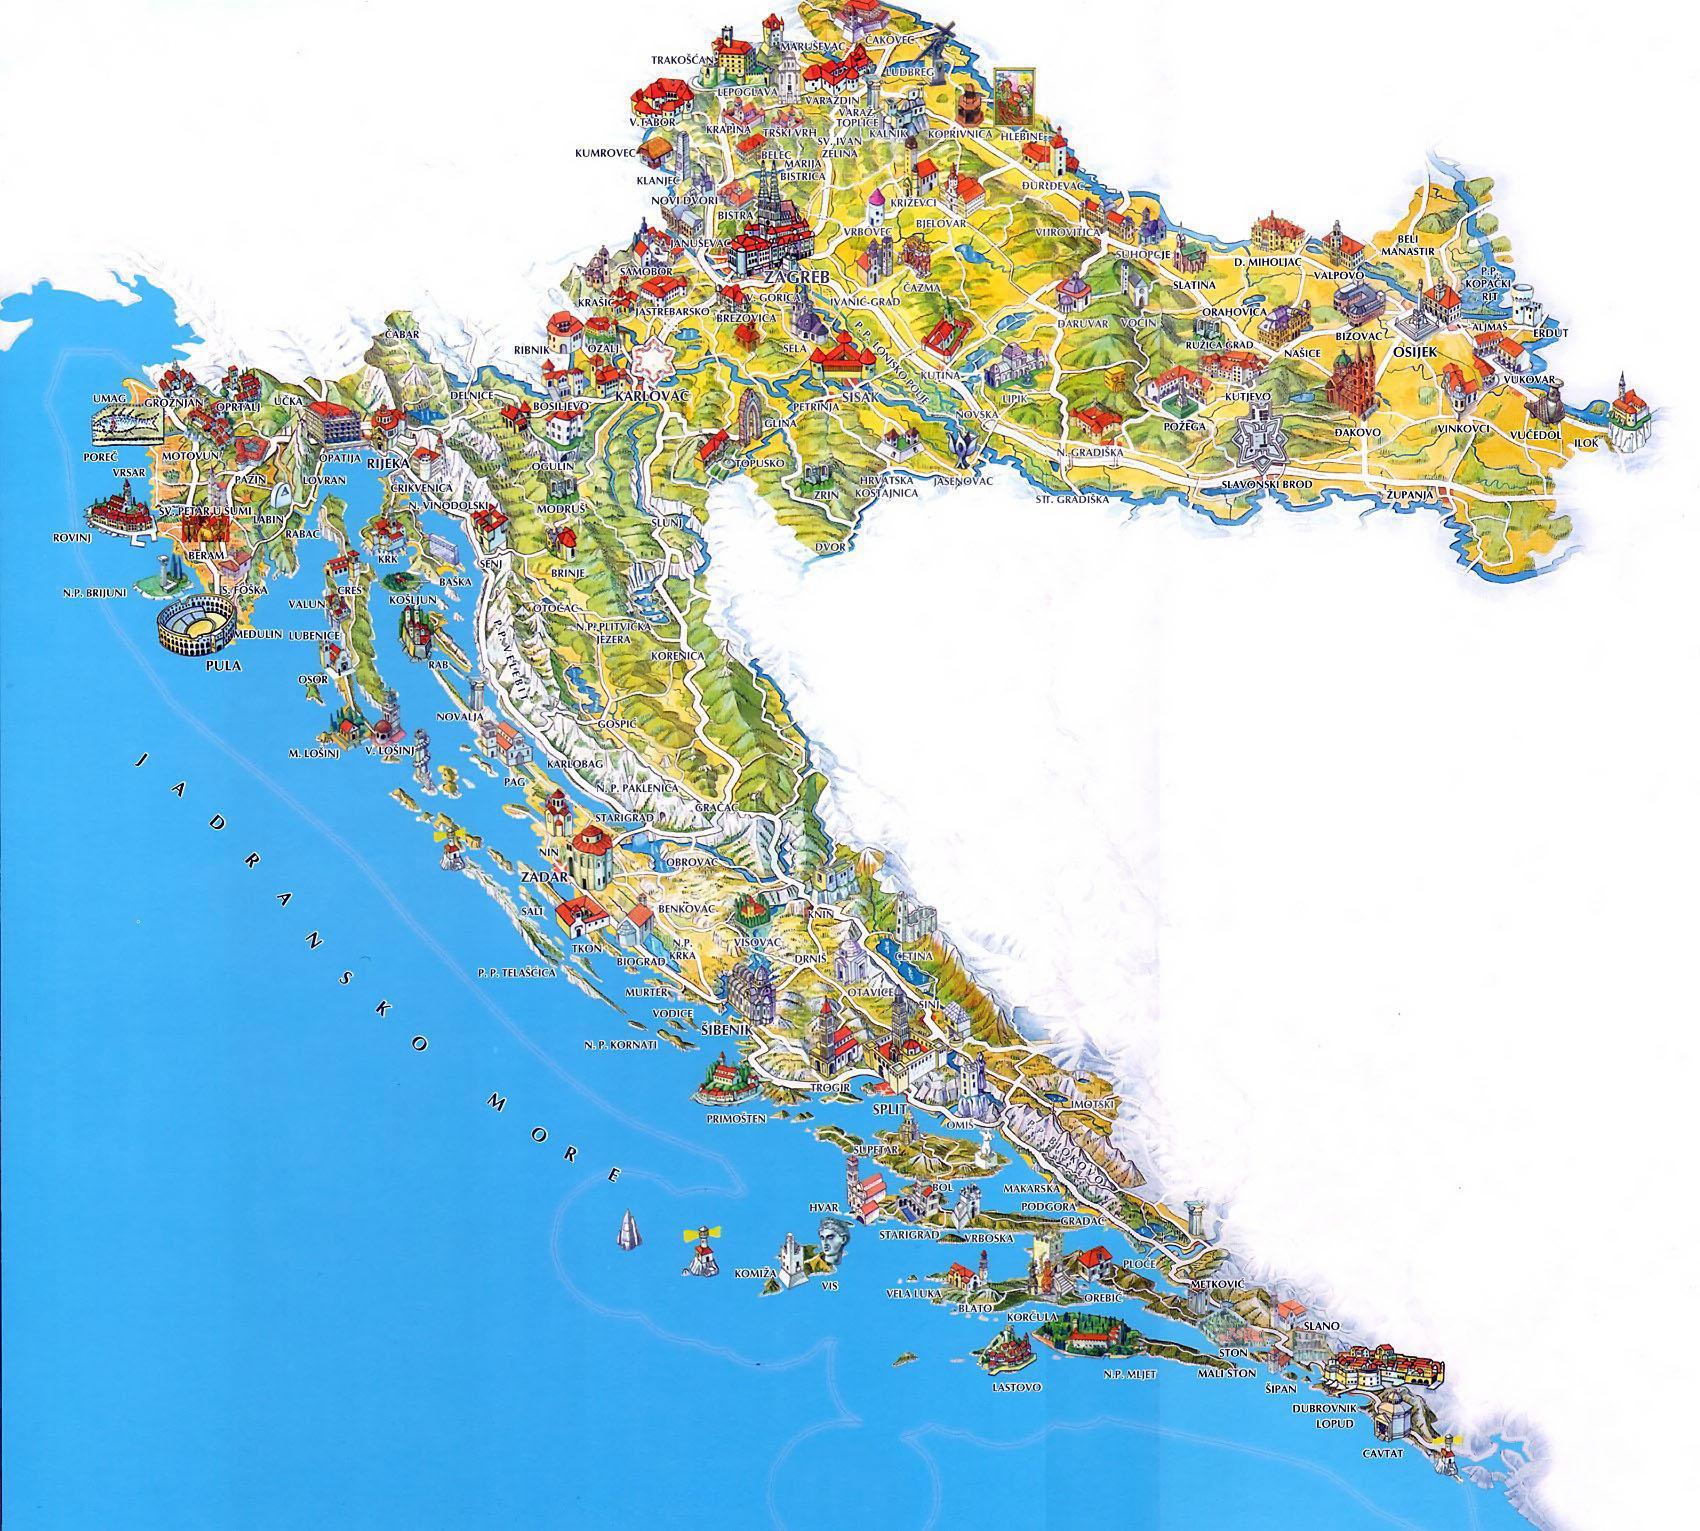 Chorvatsko Mapa Pobrezi Letovisek Online Ke Stazeni Pdf